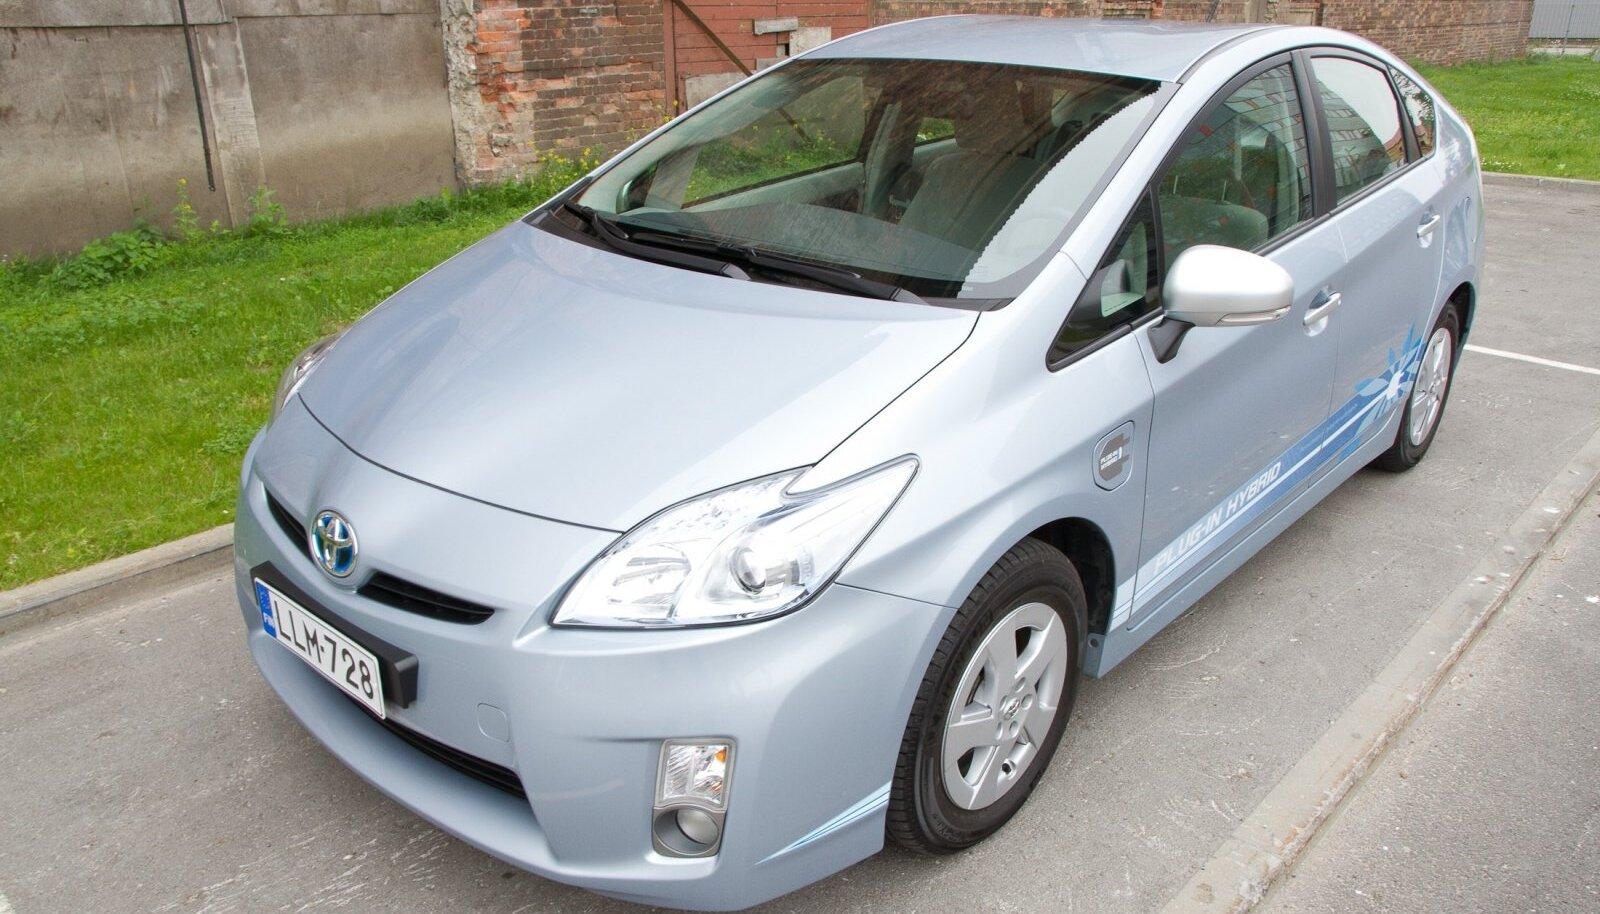 Toyota Pruis PHEV, pistiklaetav hübriid